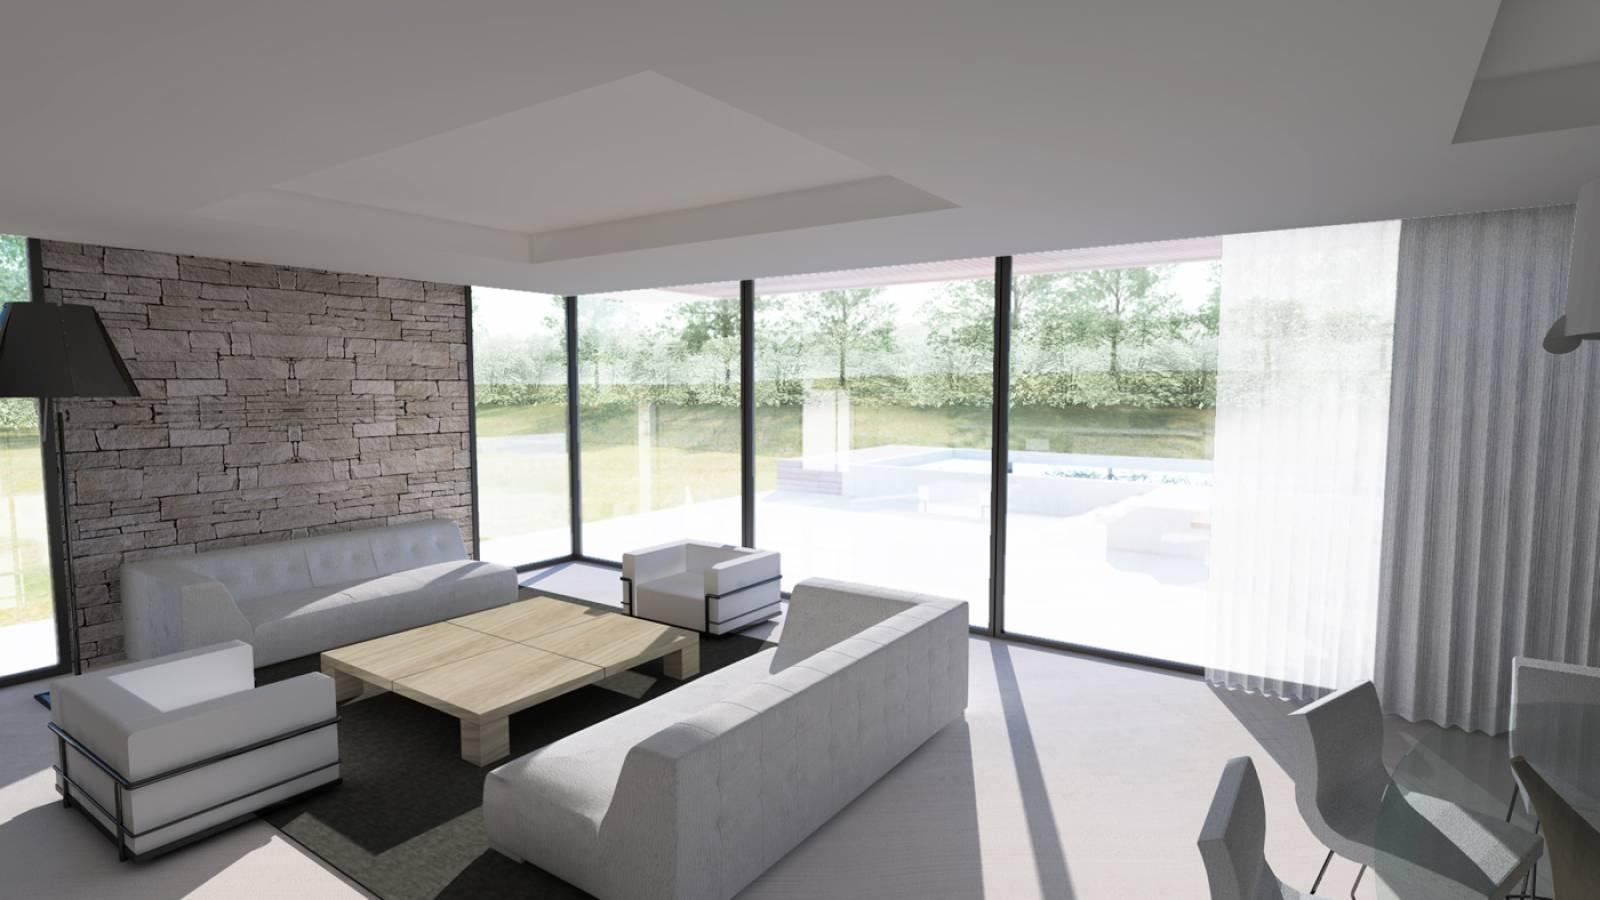 Maison contemporaine i en Pays de Gex dans lAin  Architecte  a2Sb